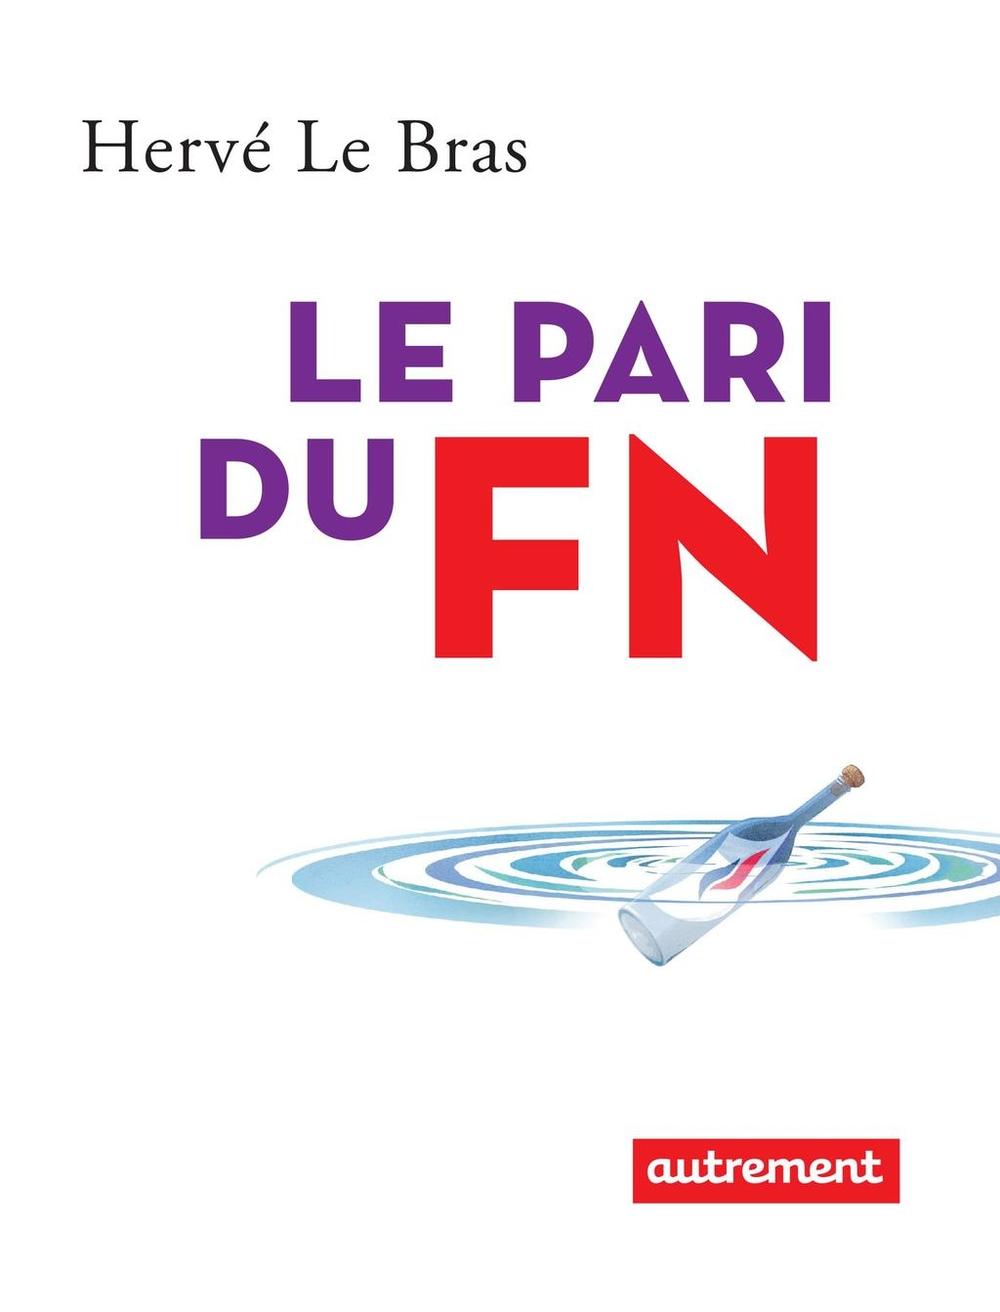 LE PARI DU FN